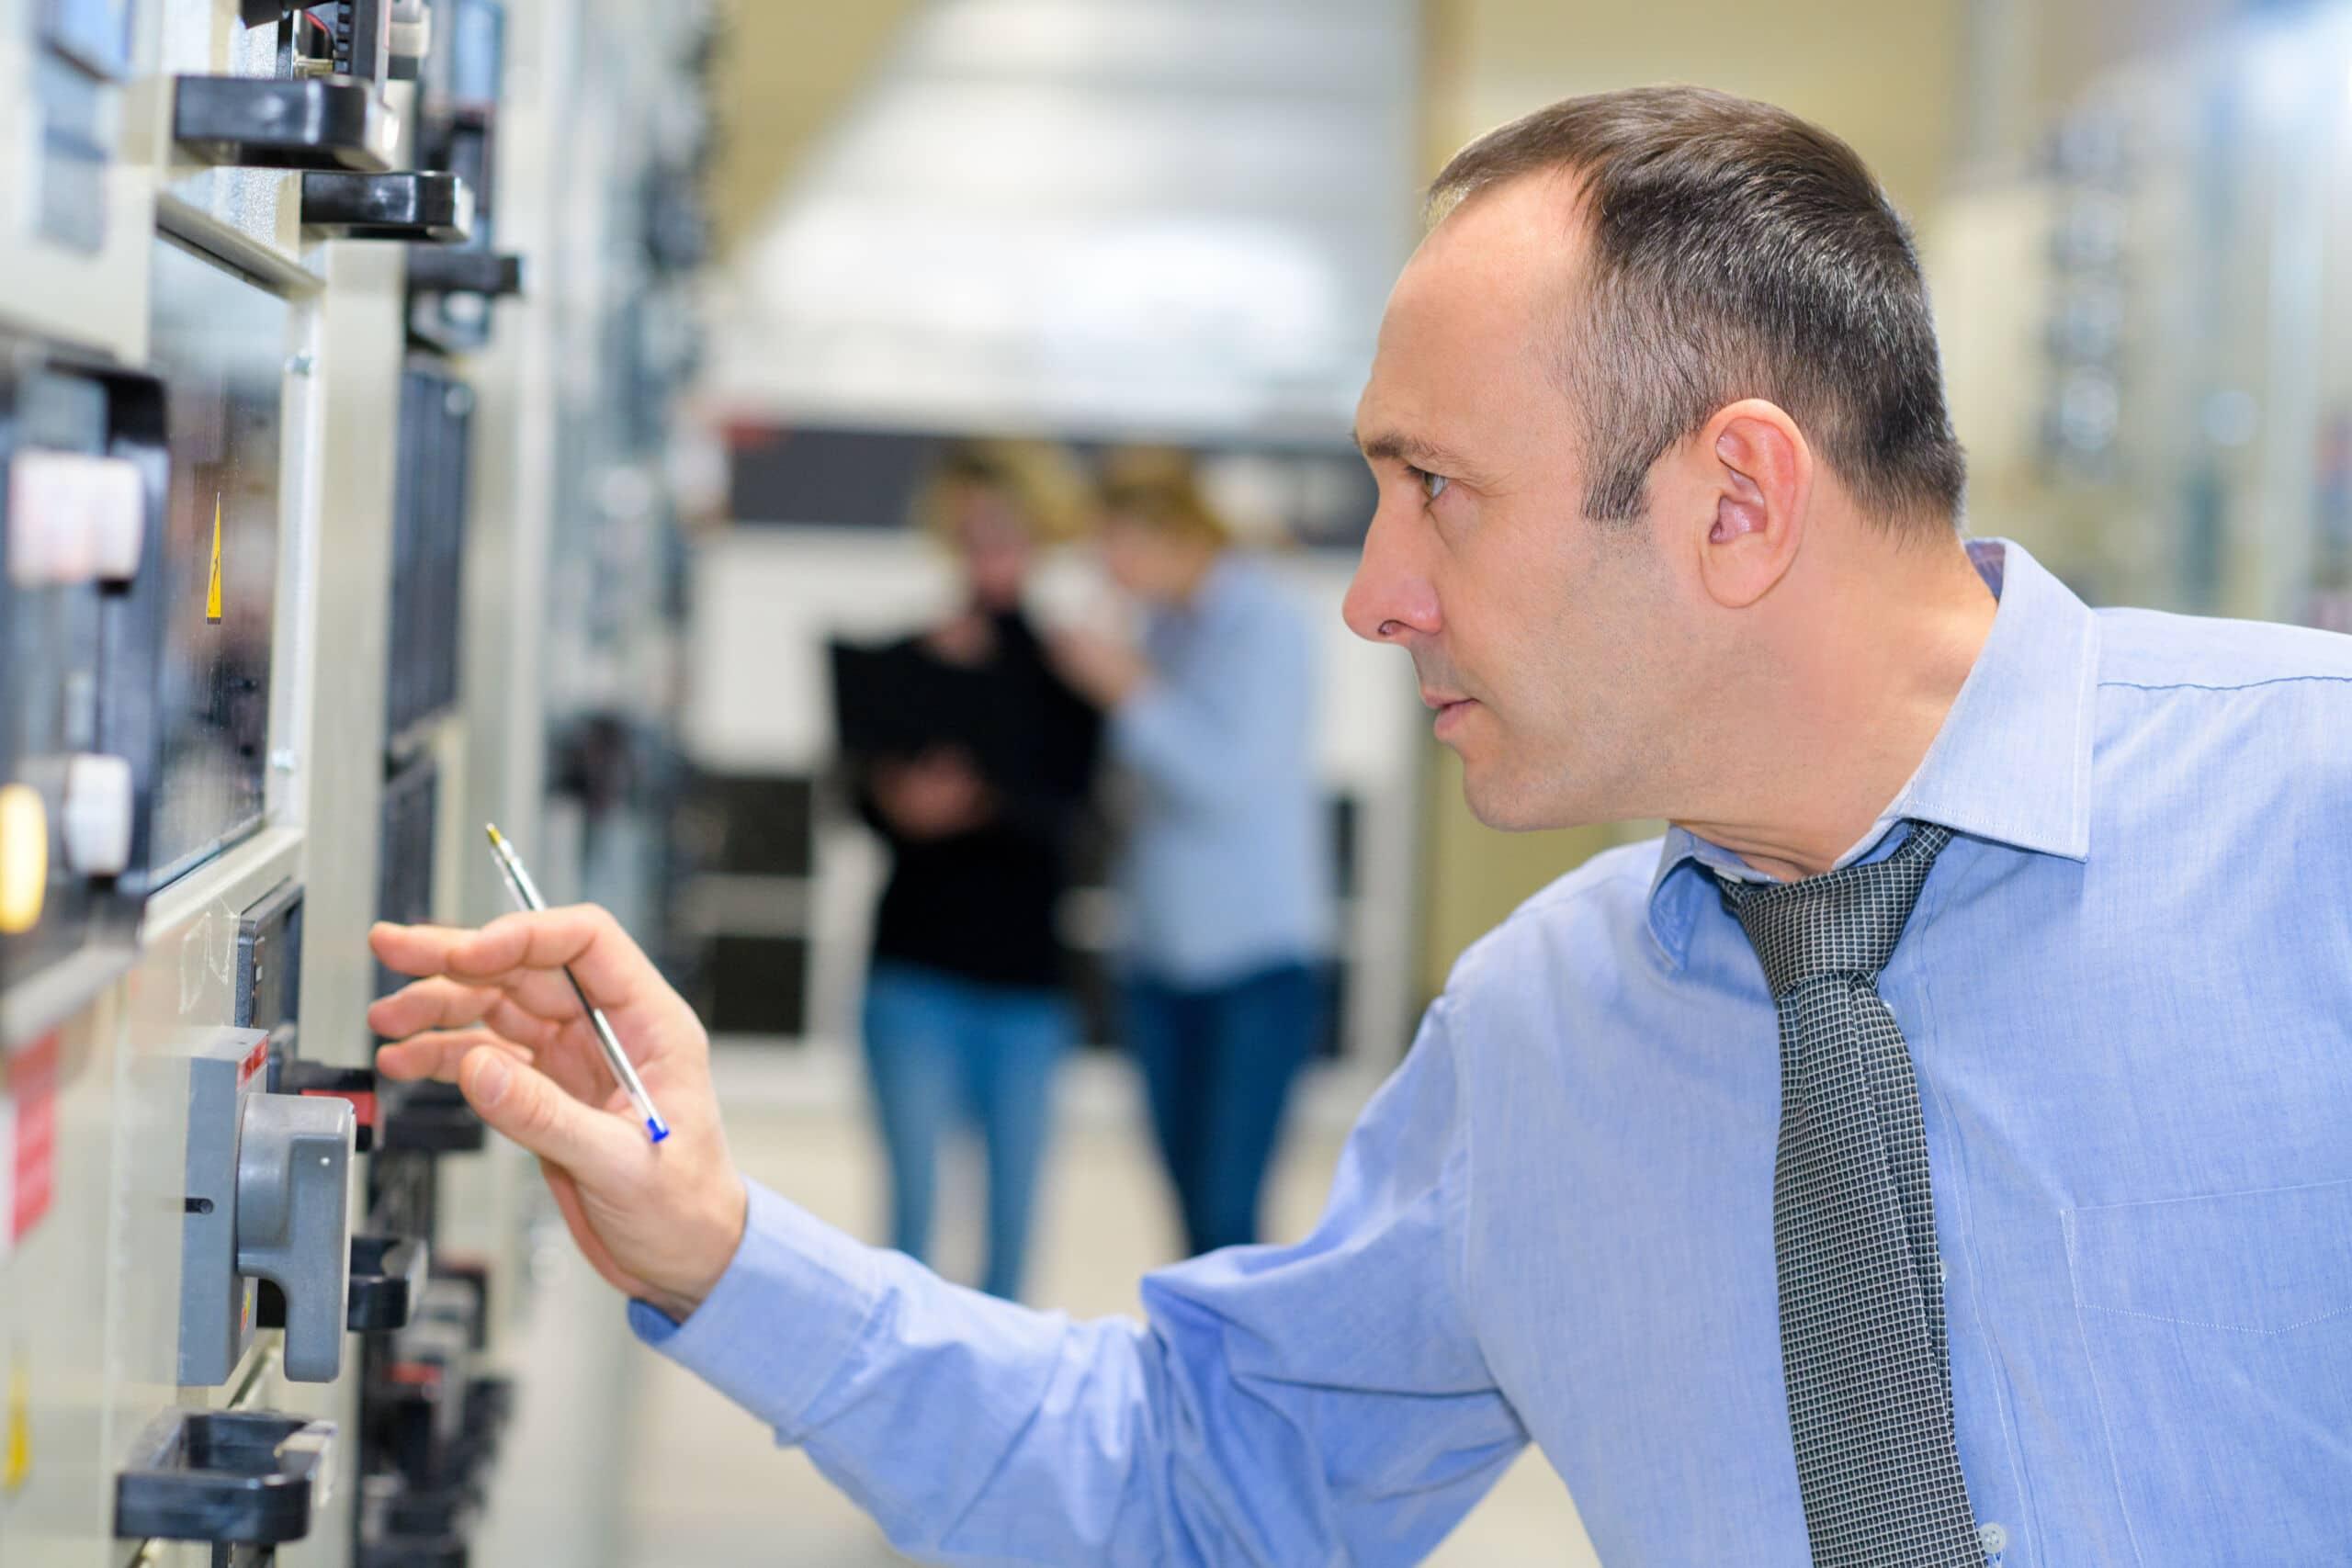 man engineer in factory